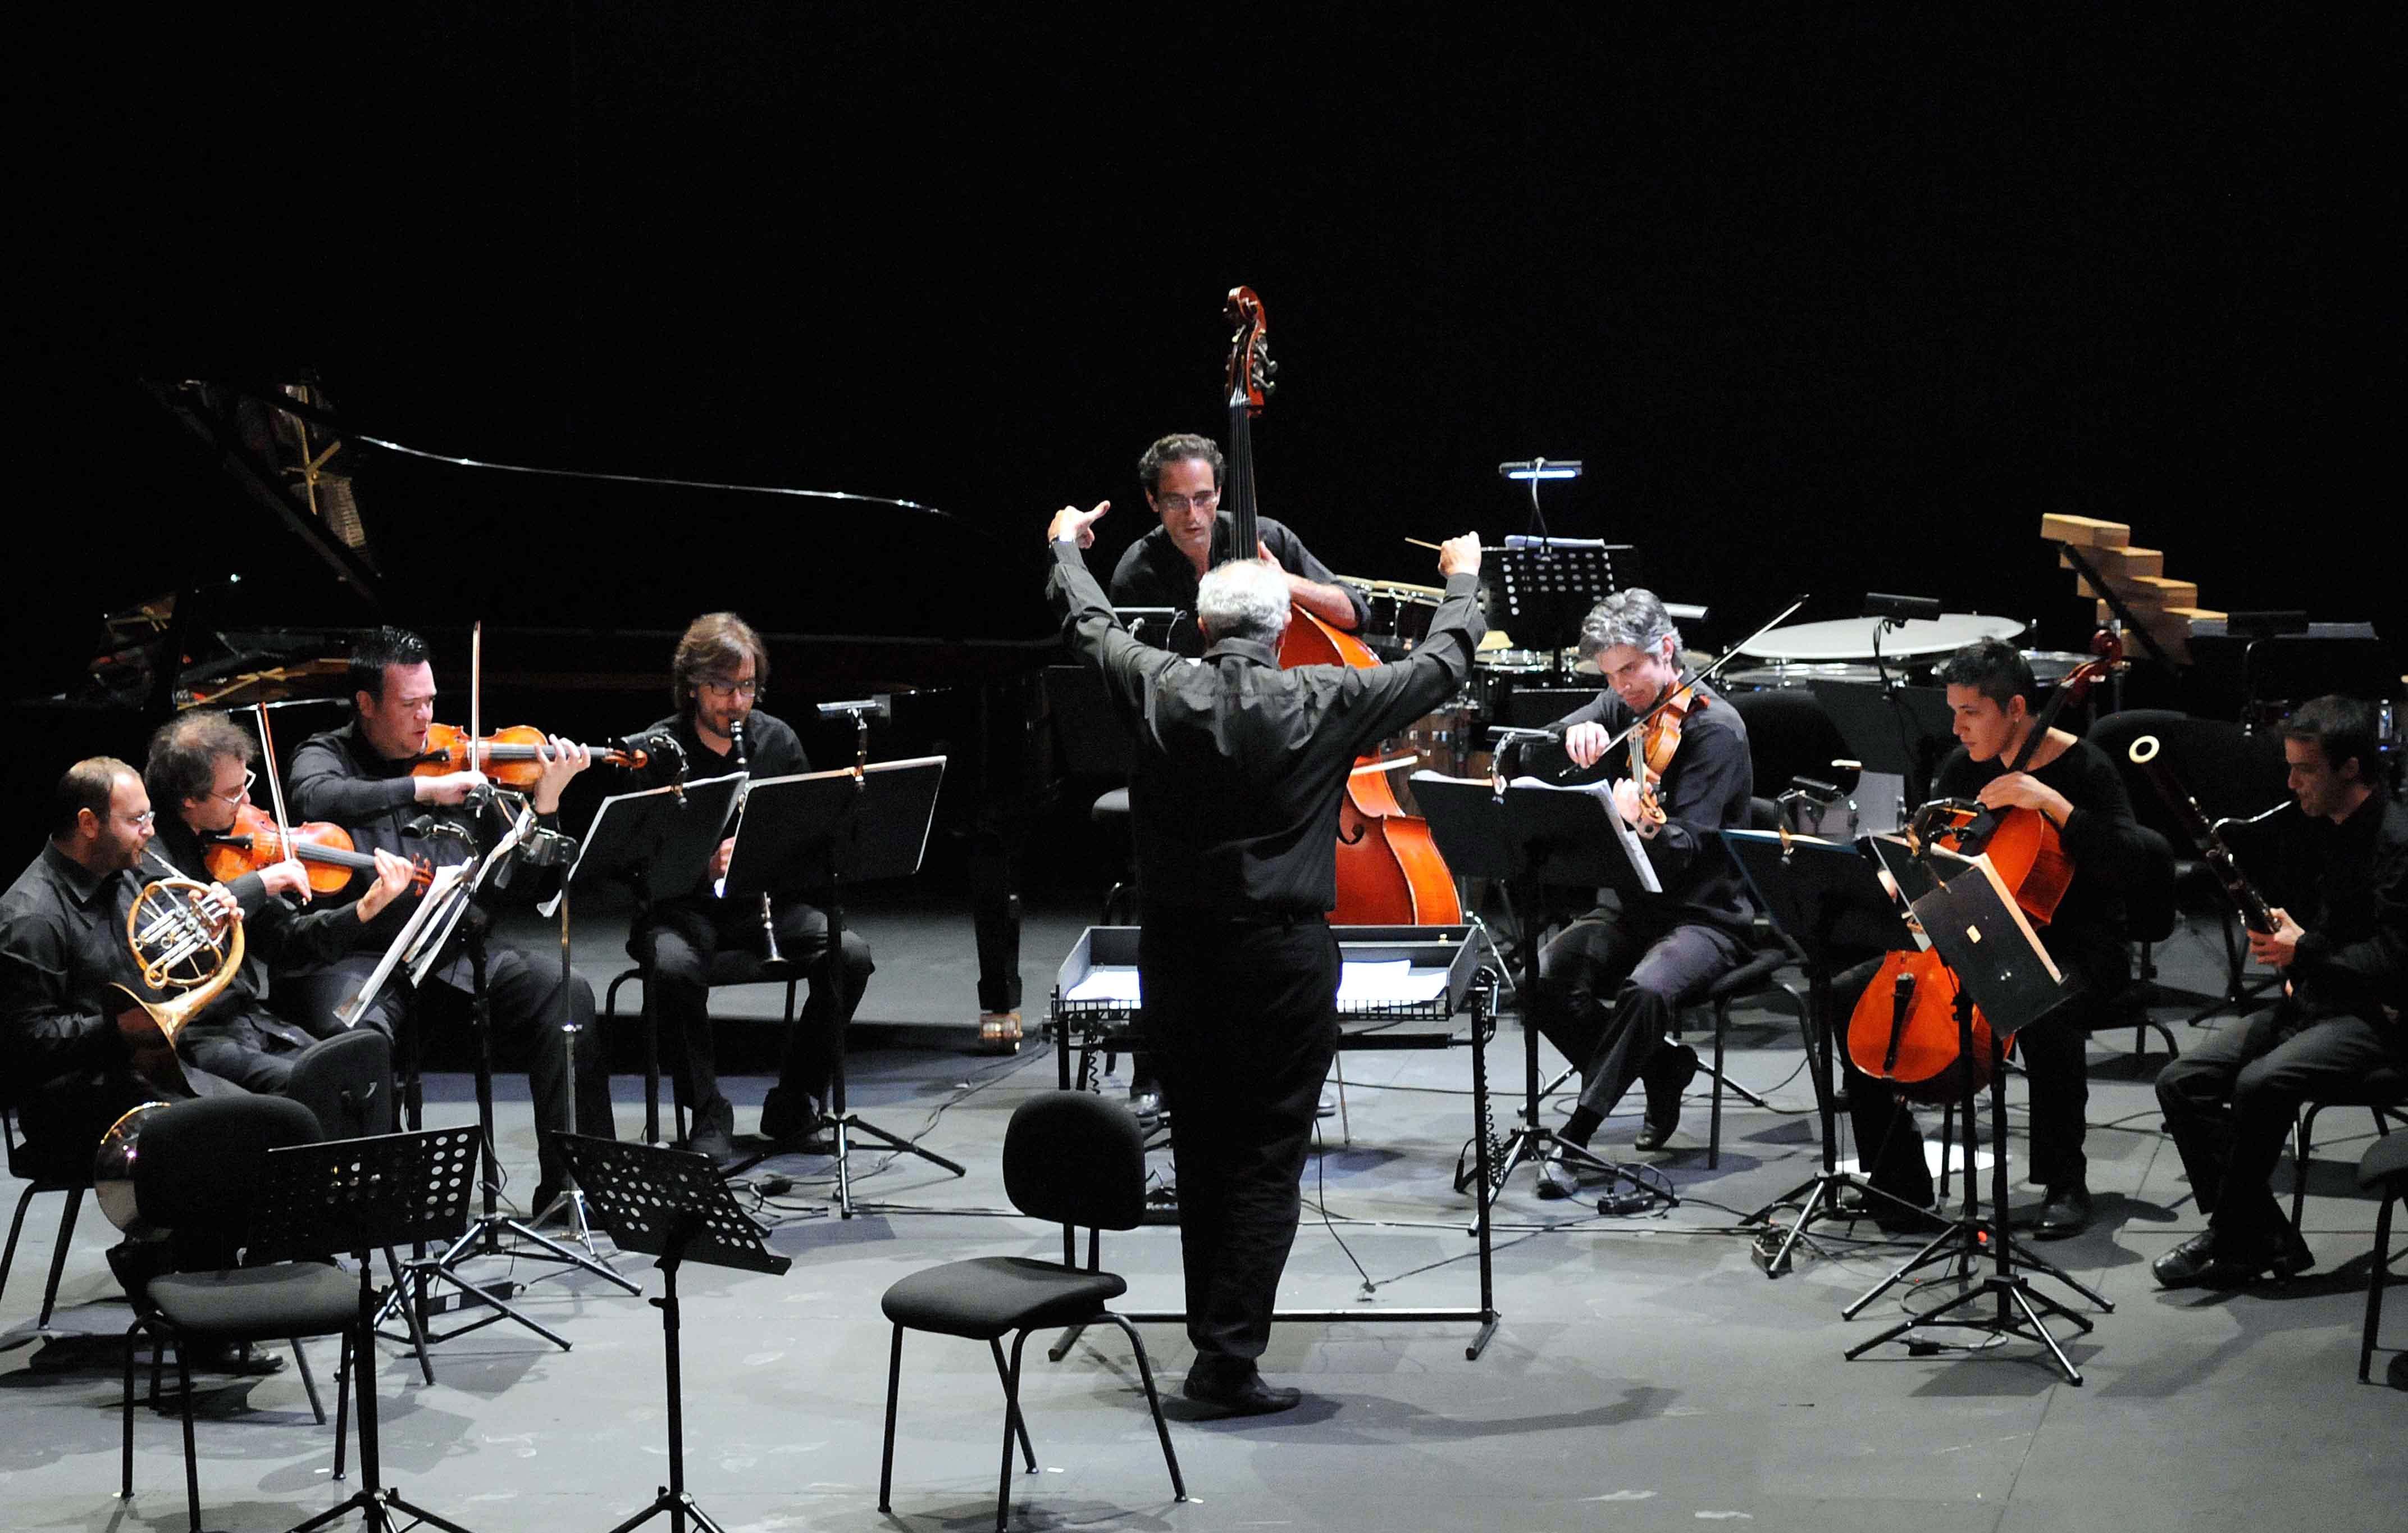 Αποτέλεσμα εικόνας για «Ο επαναπατρισμός της Διασποράς Ι: Ο Νέος Κόσμος», Σειρά συναυλιών, Megaron Online